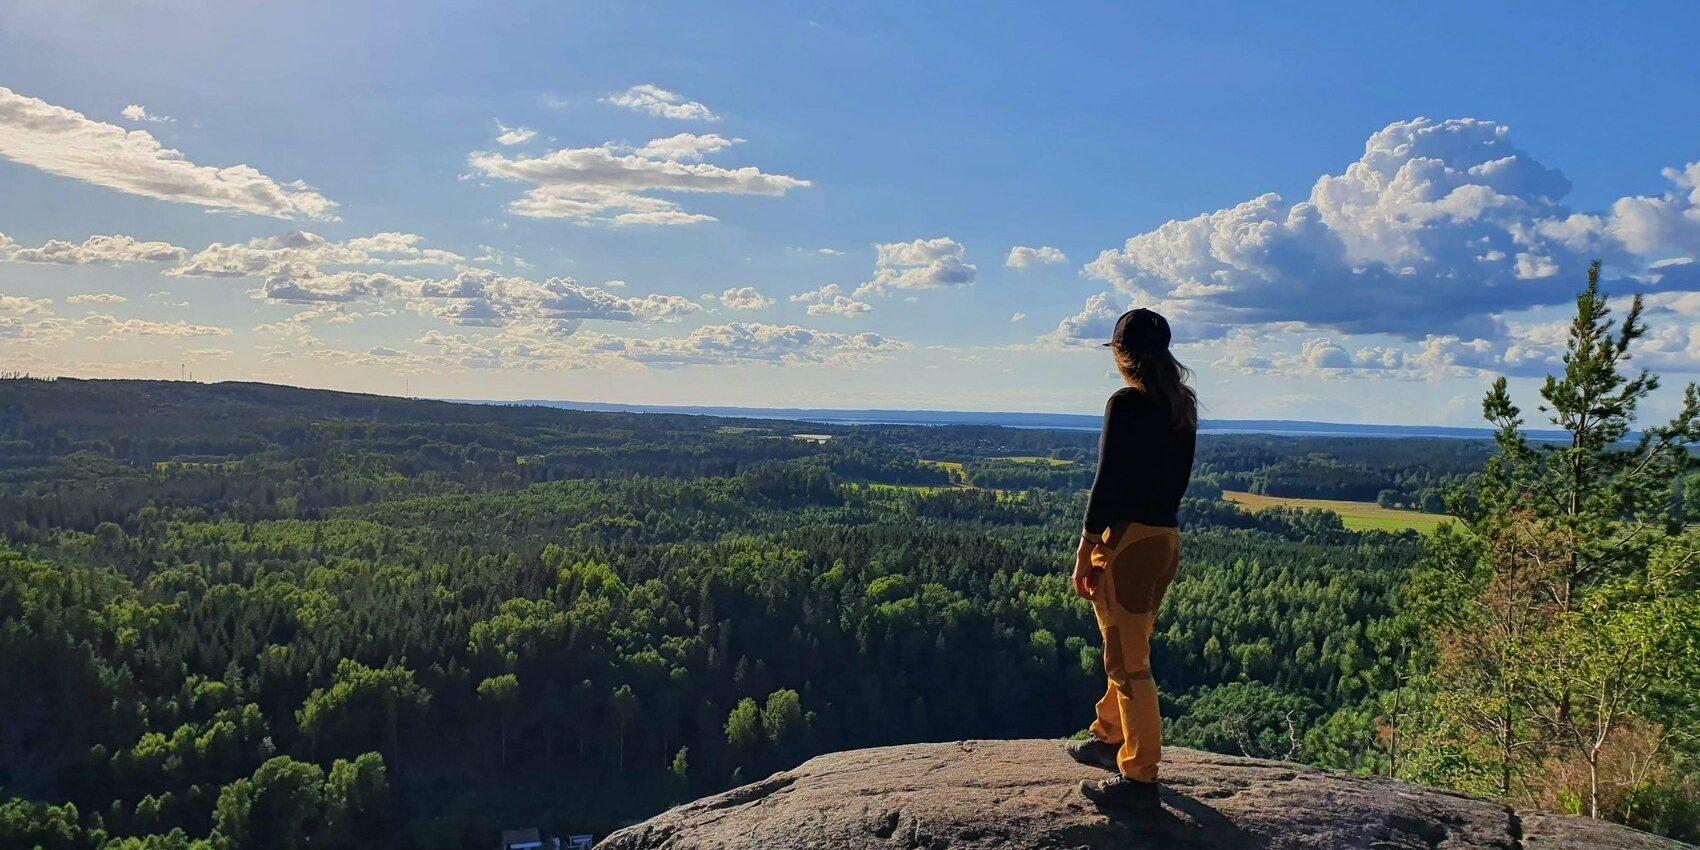 En person i gula friluftsbyxor och keps står på en bergsklippa och tittar ut över en magisk utskikt.